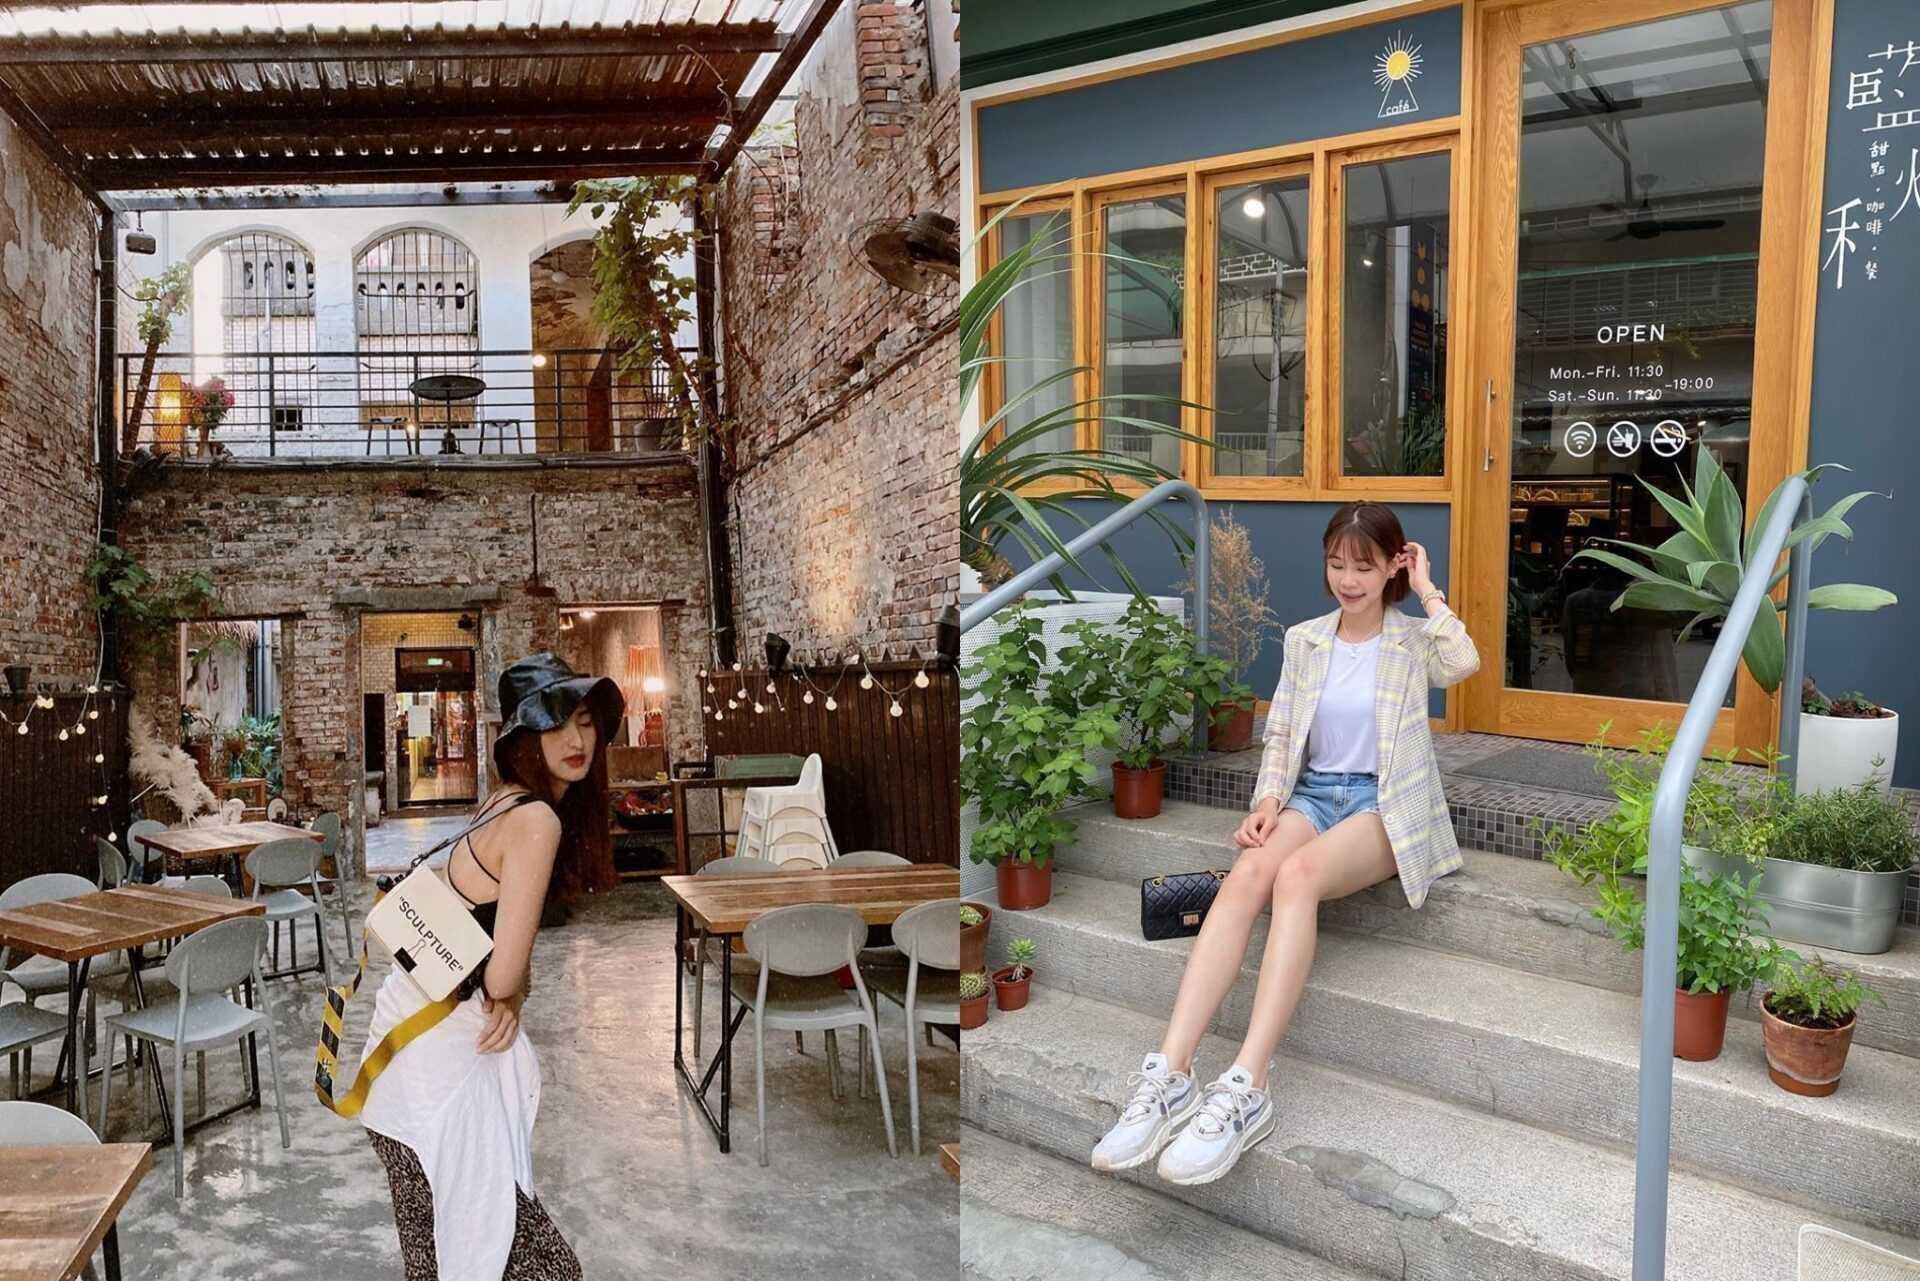 士林美食 | 內行人才知的美食餐廳!隱藏版美味小吃、餐廳、咖啡美食懶人包